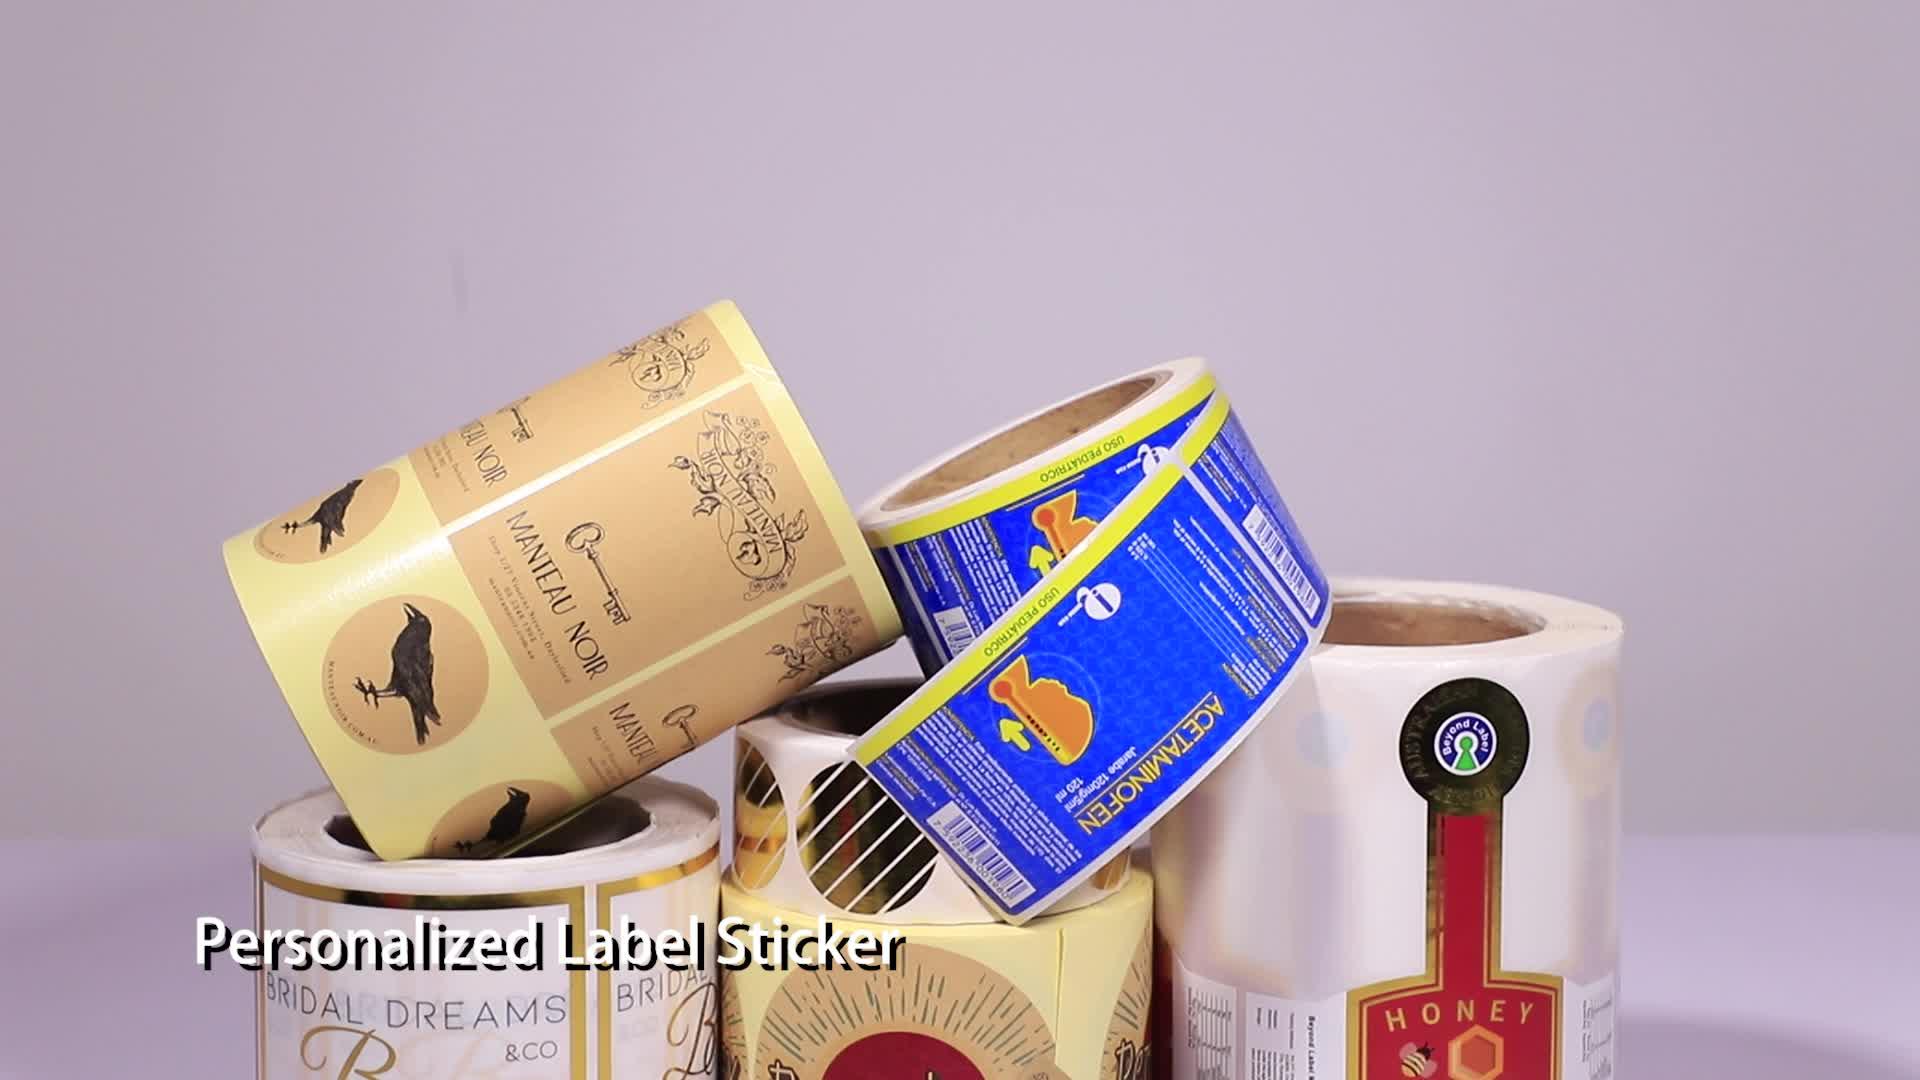 포장 접착 스티커 Printing 최대한 보완하면서 블, Custom Printed 보건부 (Health Food 블 스티커